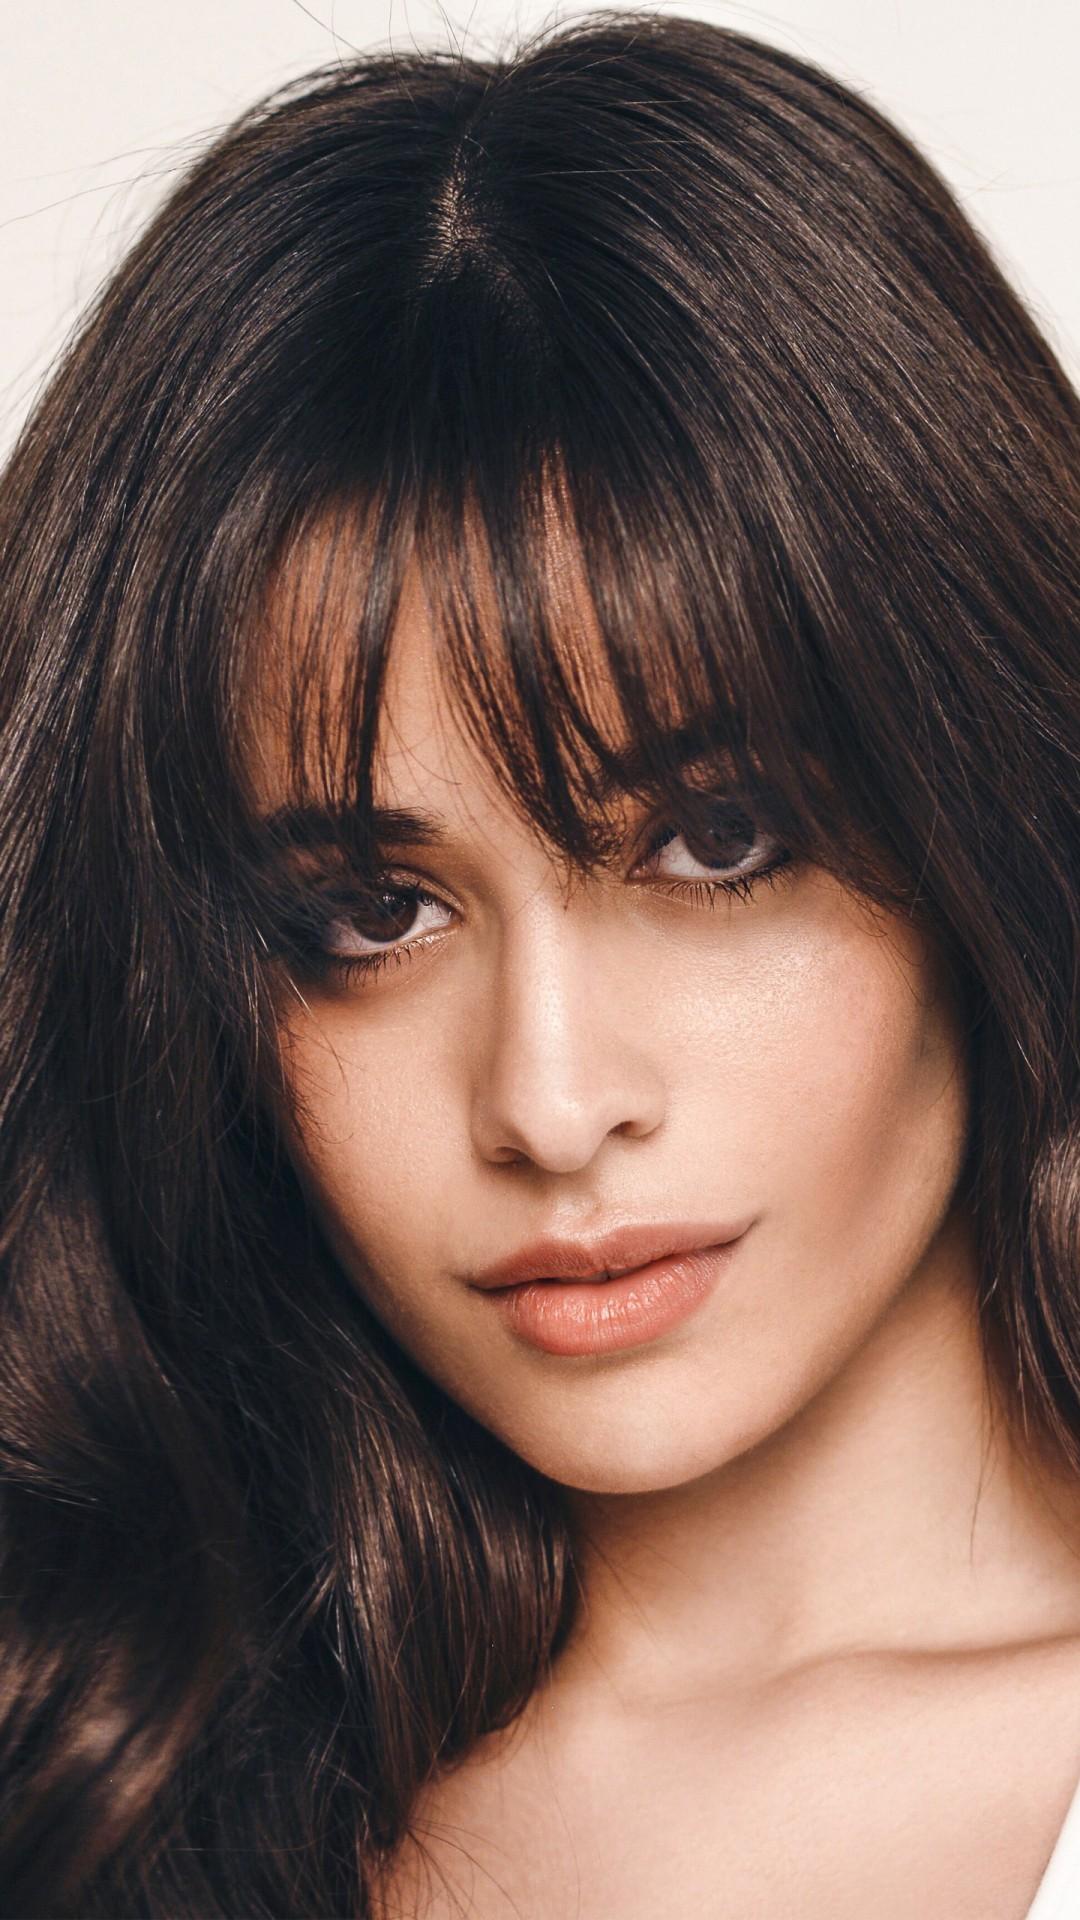 Free Camila Cabello Teen Vogue phone wallpaper by e100987